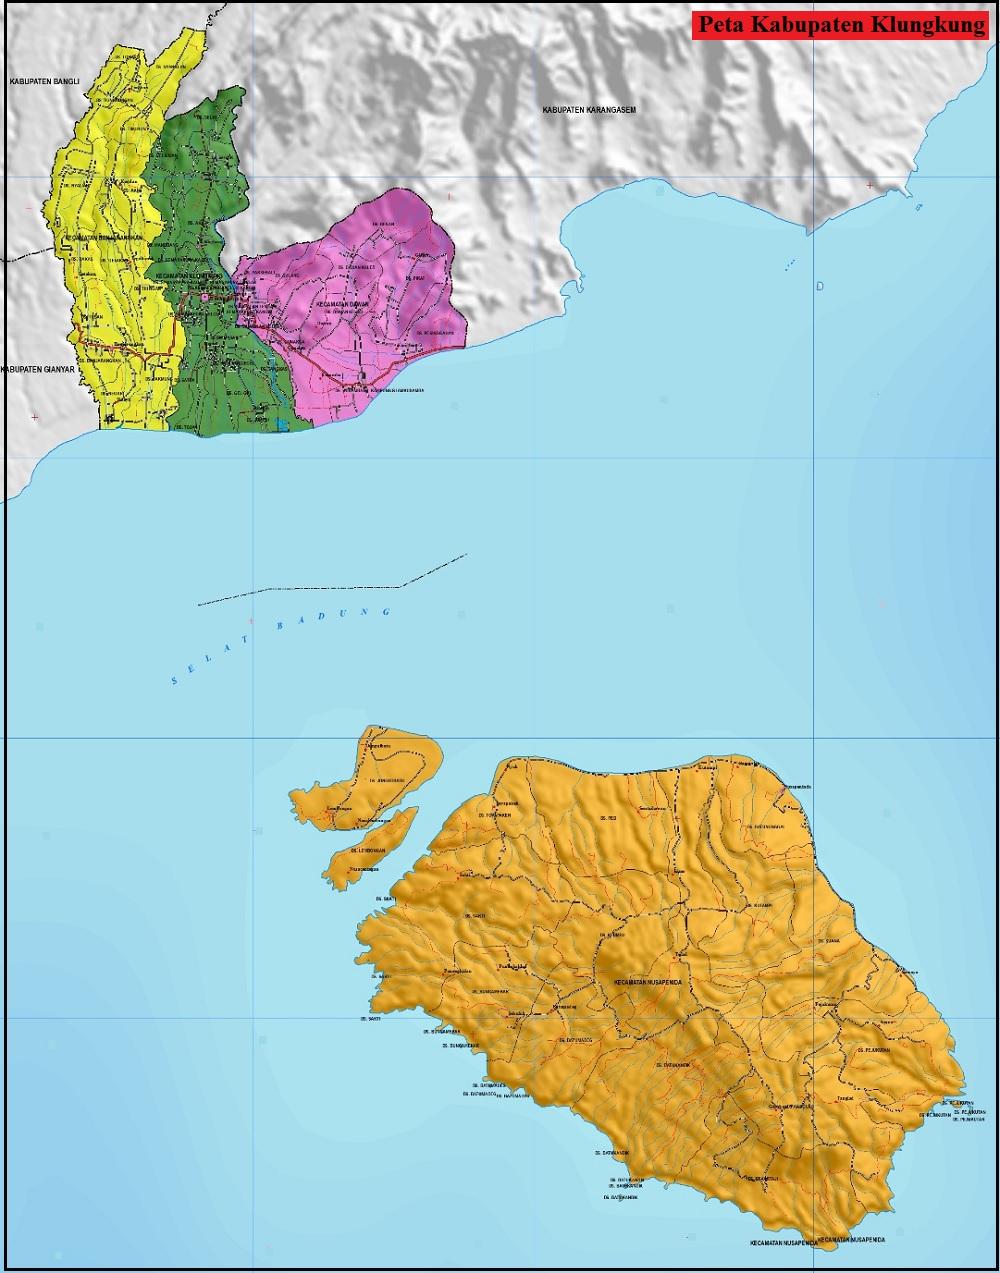 Peta Kabupaten Klungkung